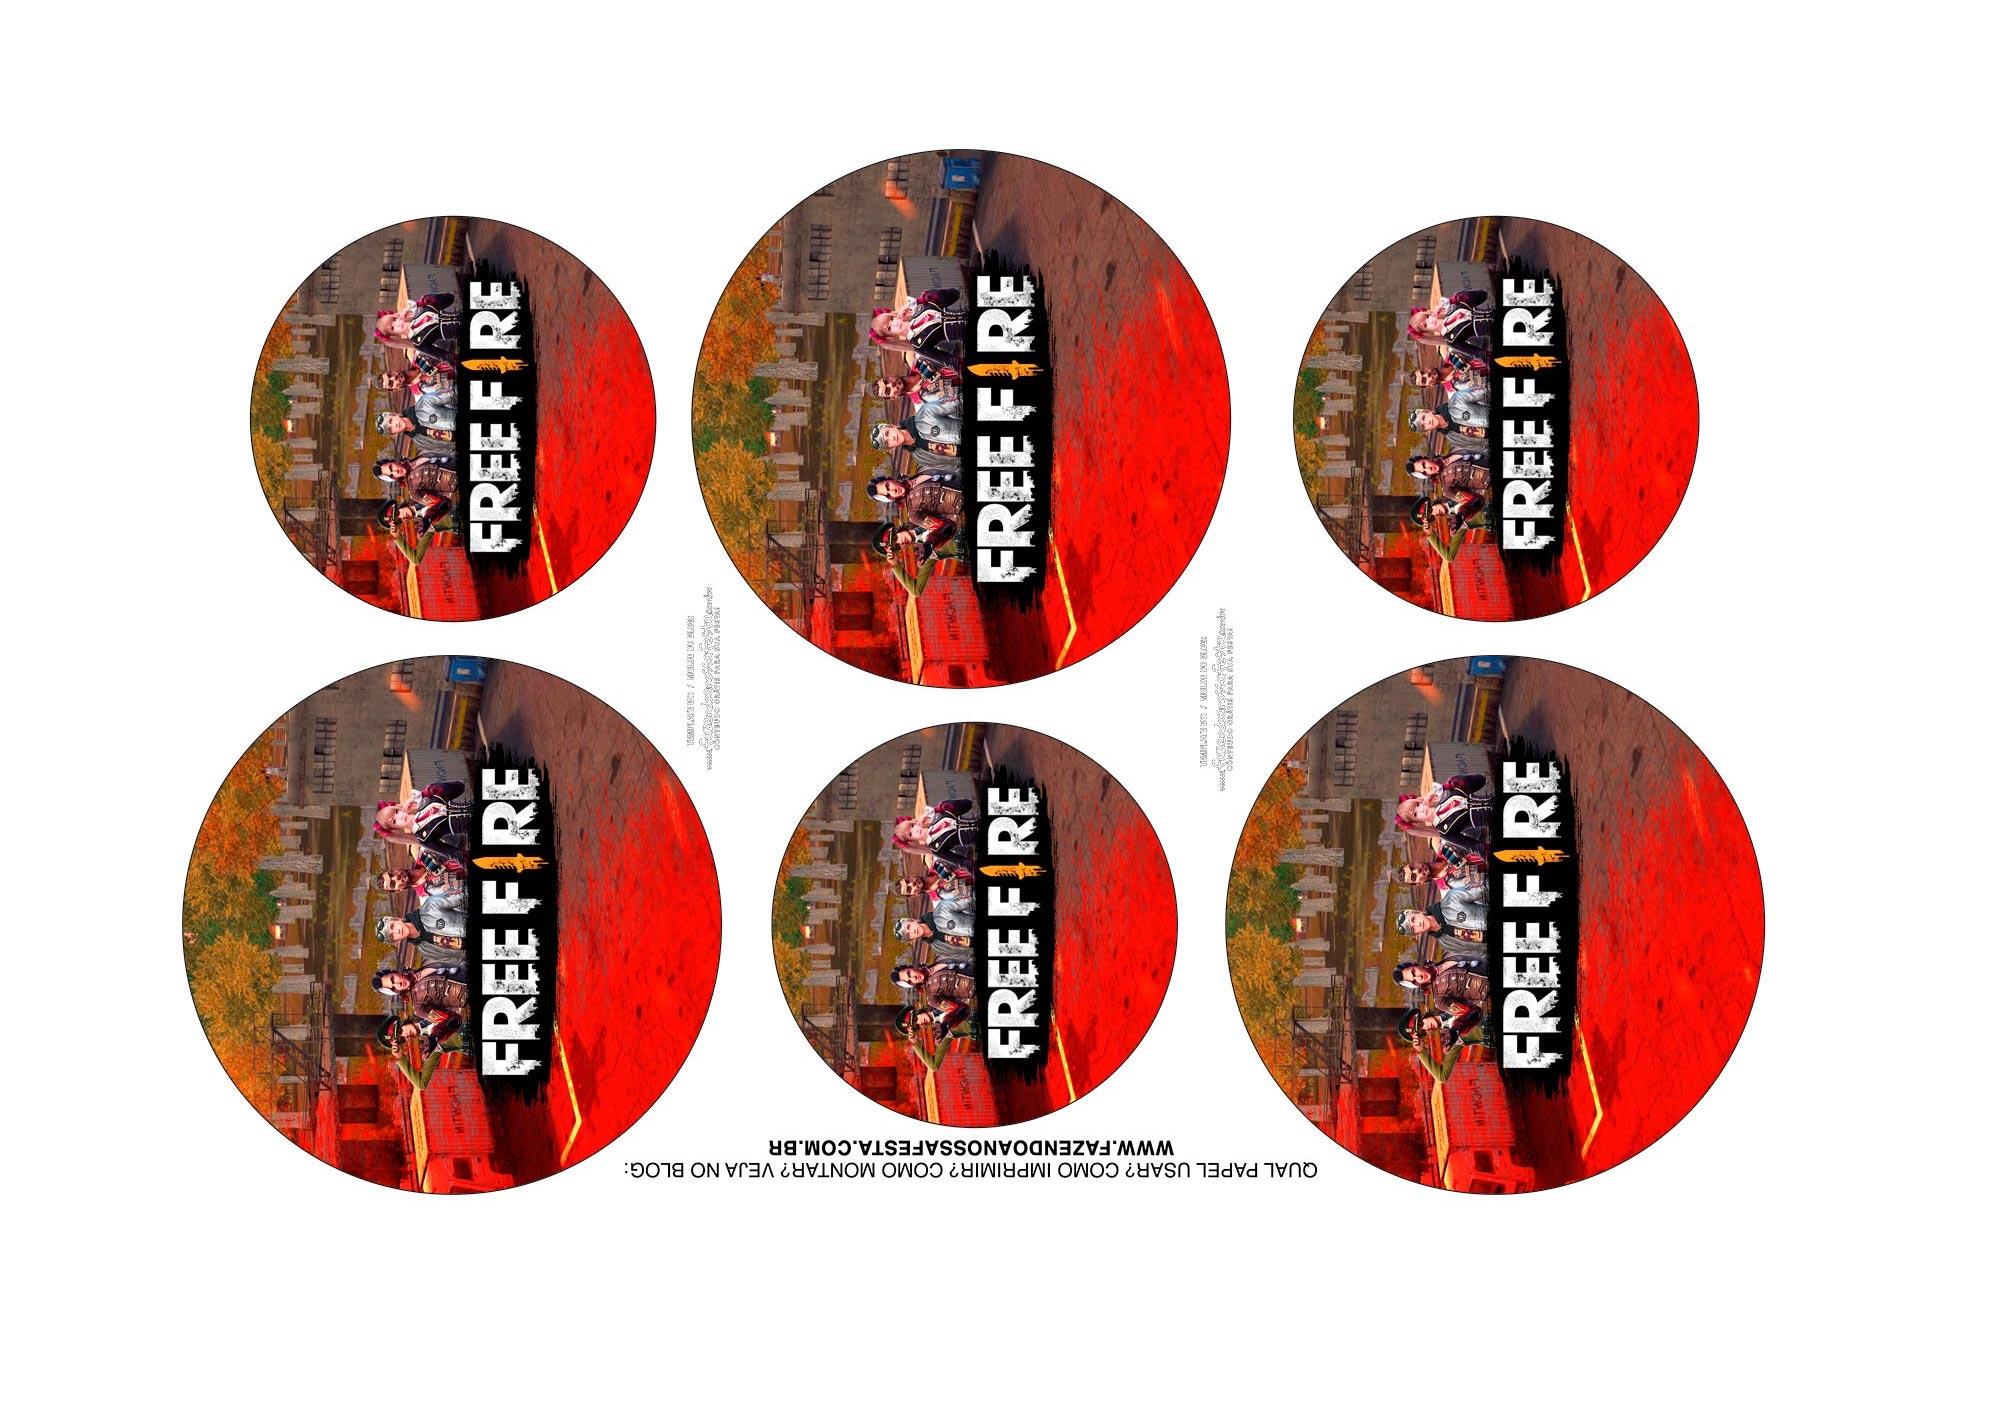 Adesivos Kit Cinema Free Fire 1